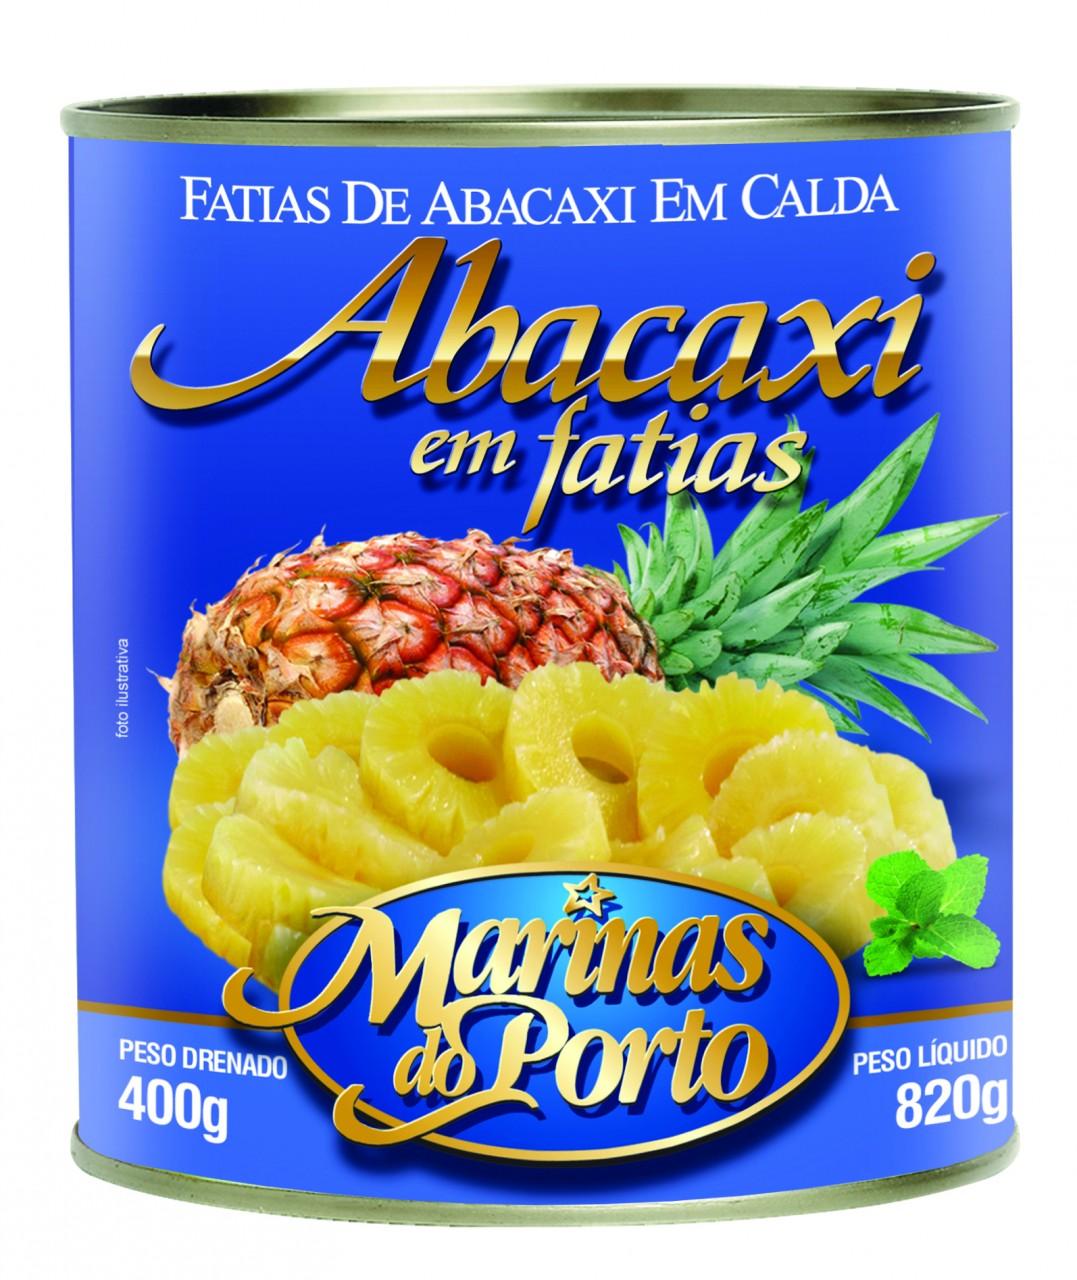 ABACAXI EM CALDA LATA 400 GR MARINAS DO PORTO - 7898099375405